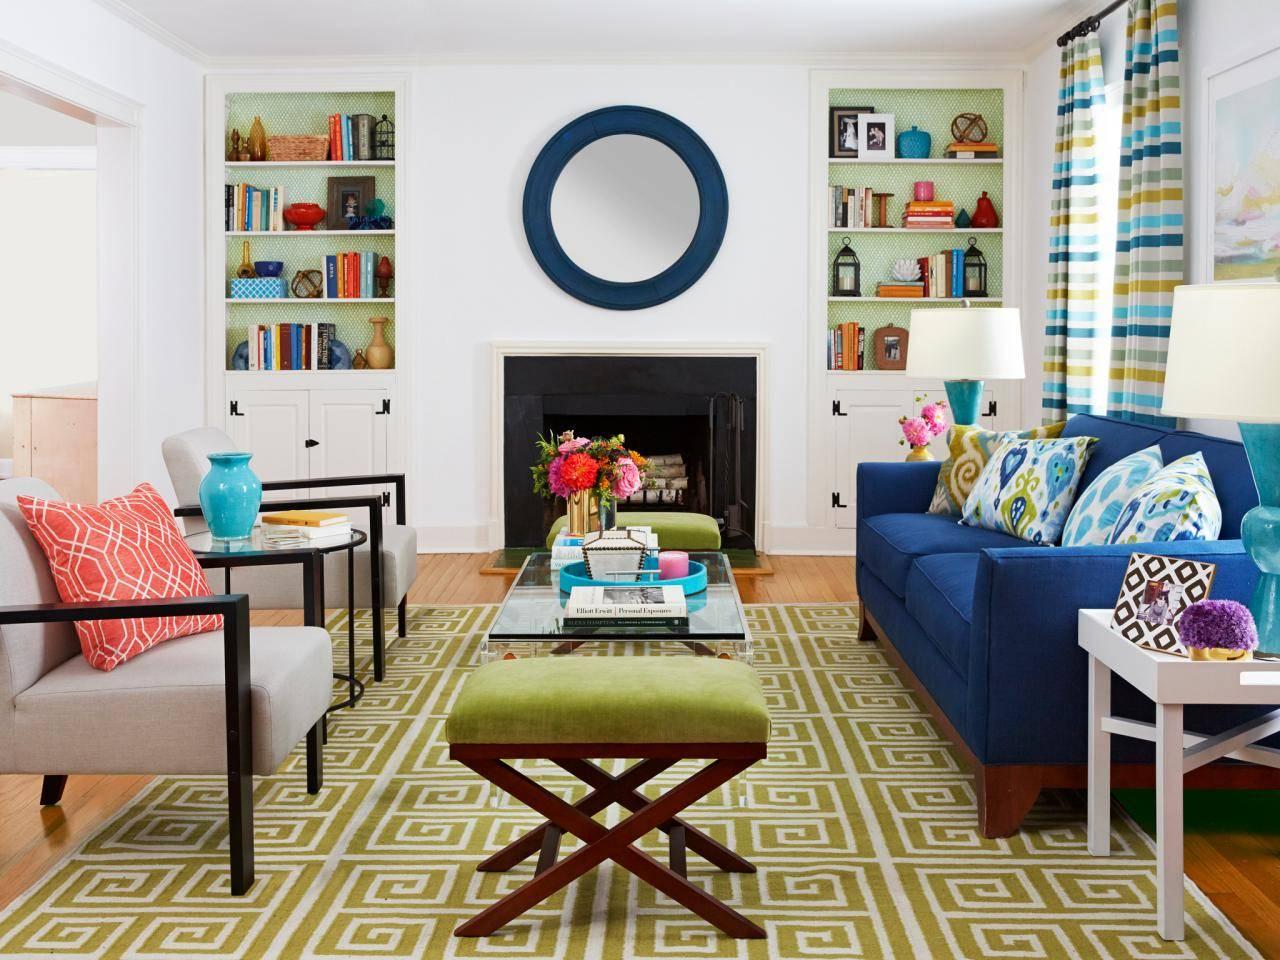 Phòng khách này có ghế sofa màu xanh lam là món đồ nội thất trung tâm. Sau đó, những người trang trí sẽ xây dựng một bảng màu miễn phí gồm các màu xanh lam và xanh lá cây khác nhau xung quanh ghế sofa và mang bảng màu đi khắp phòng (trong tấm thảm khu vực, tấm lót kệ sách và rèm cửa).